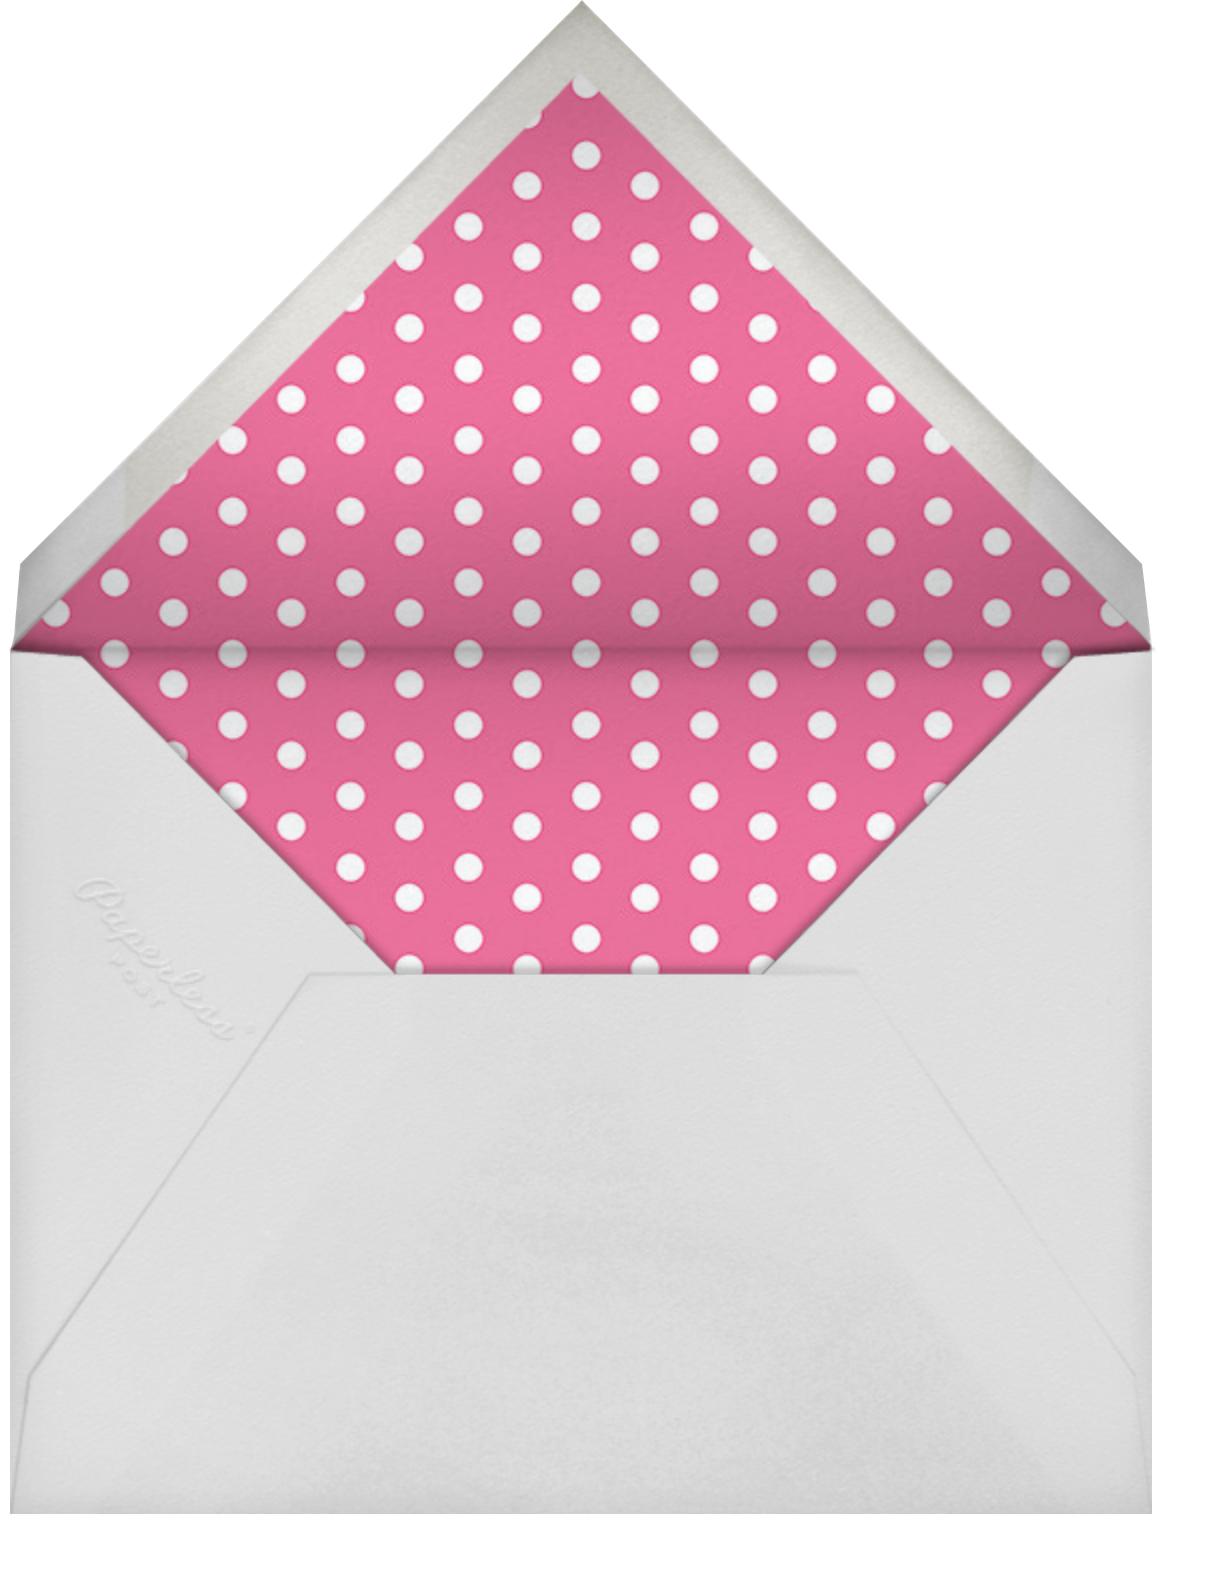 Ice Cream Birthday - Rifle Paper Co. - Envelope